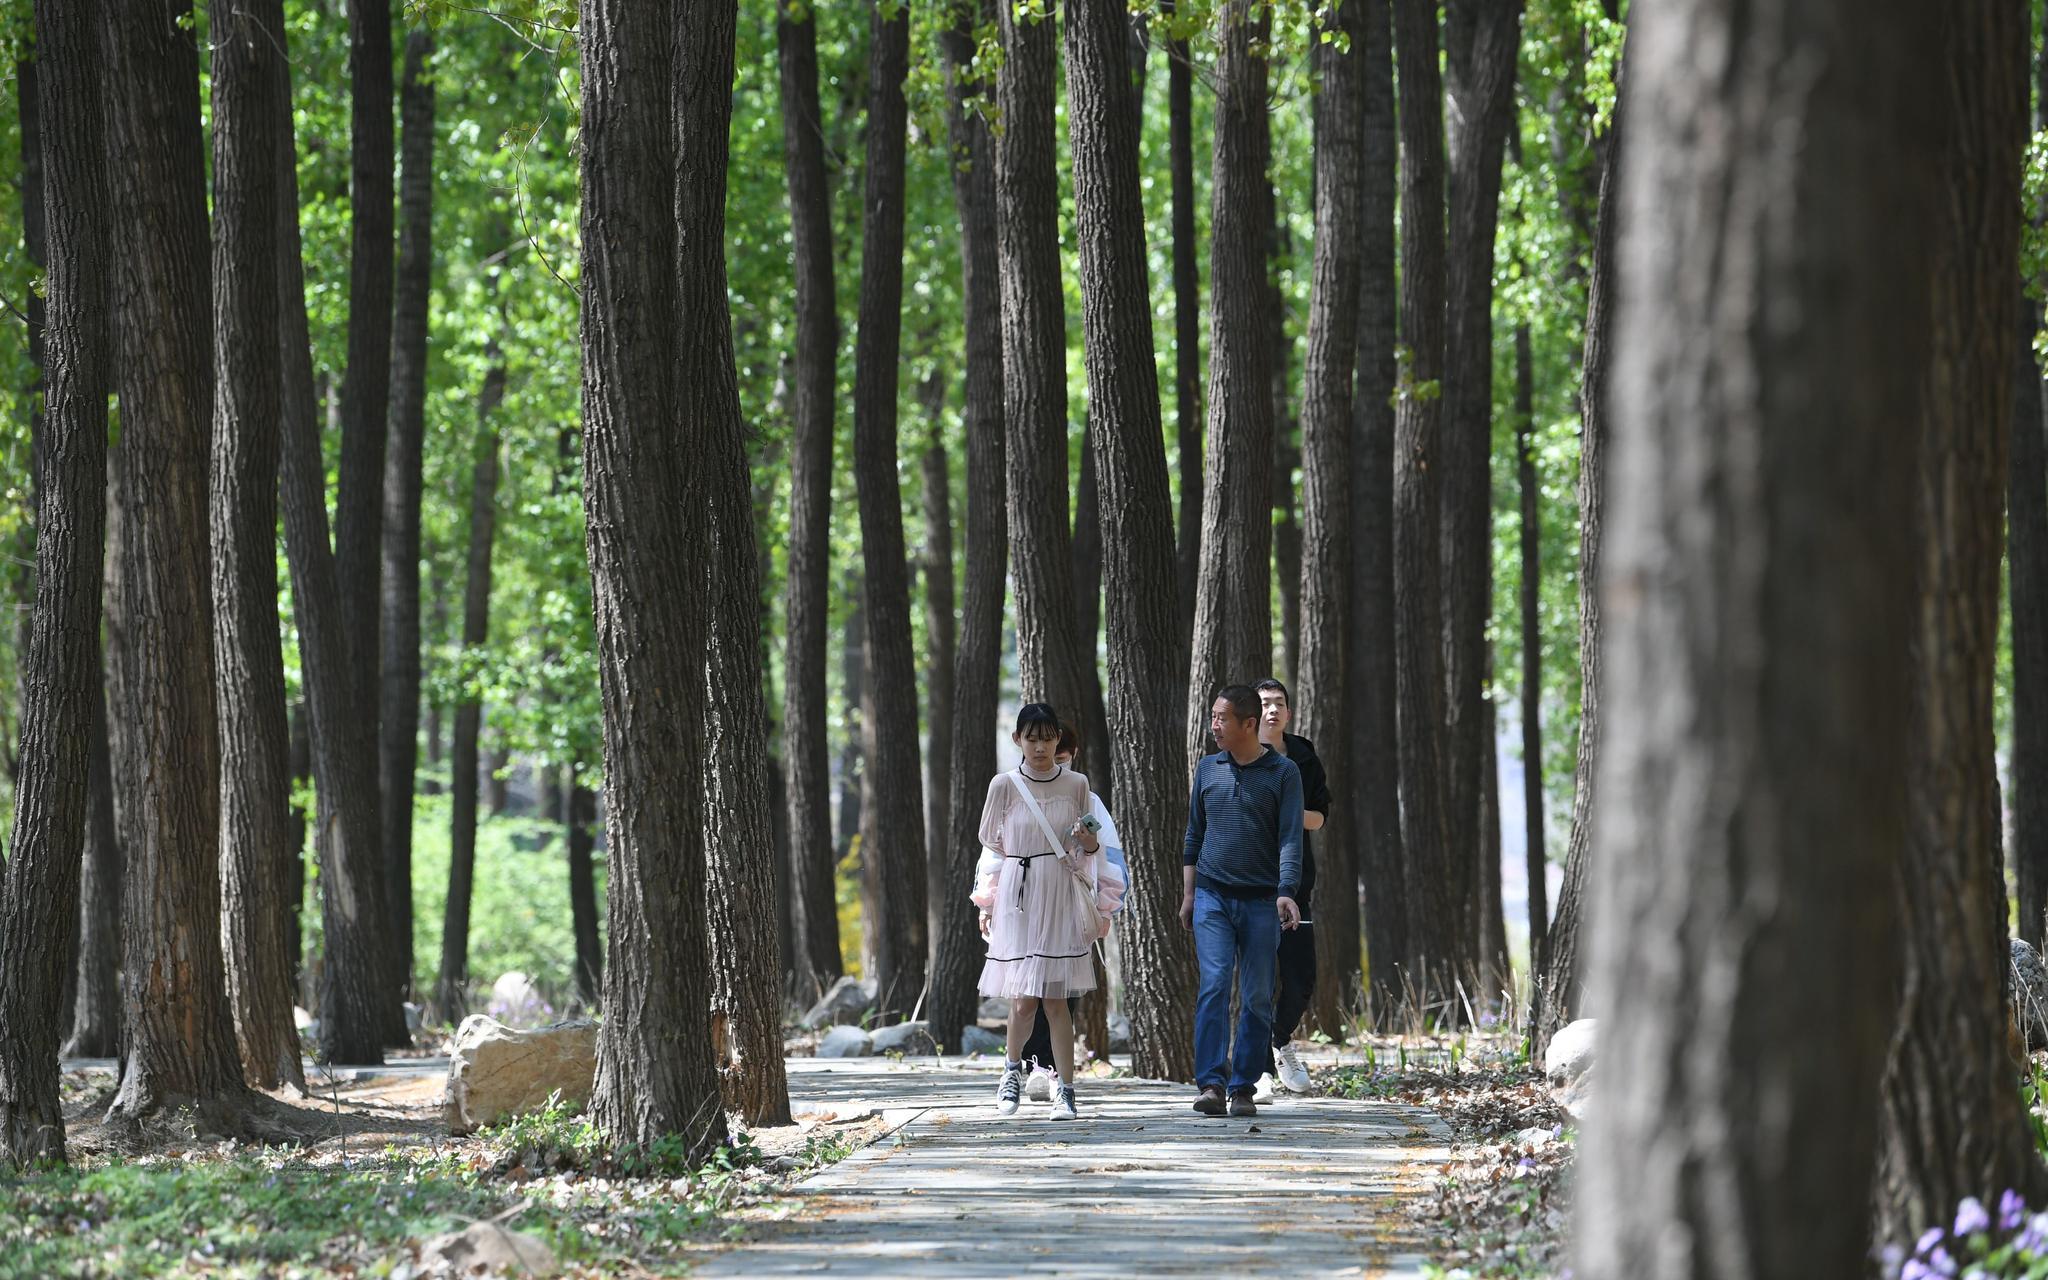 [摩天测速]少景又美乡村摩天测速小公园迎来城市游客图片